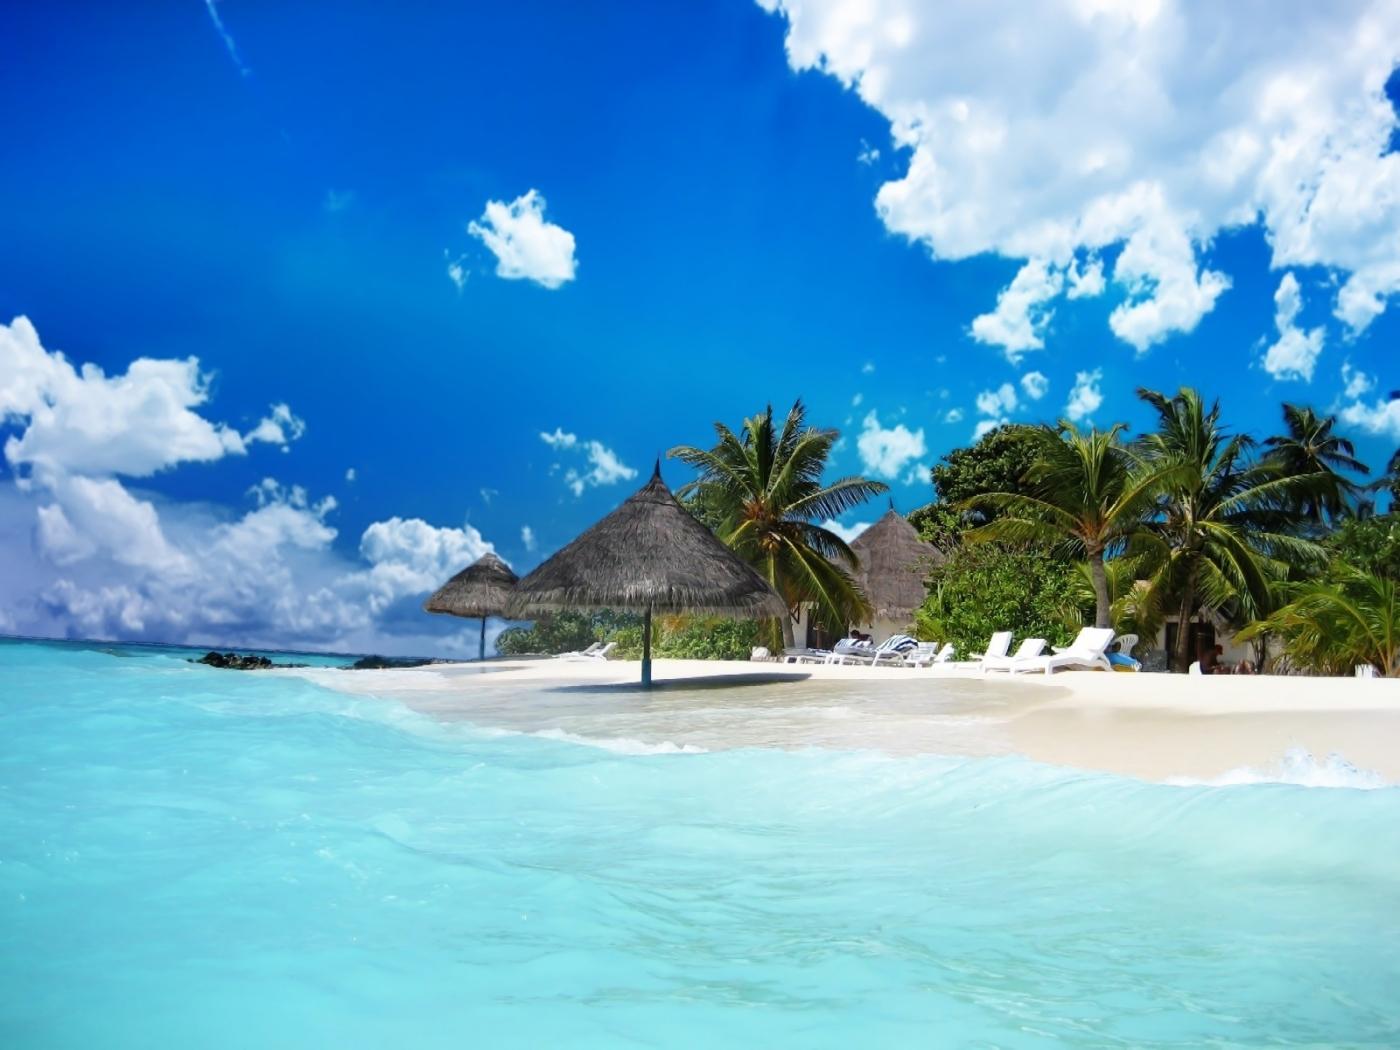 30660壁紙のダウンロード風景, 海, ビーチ-スクリーンセーバーと写真を無料で